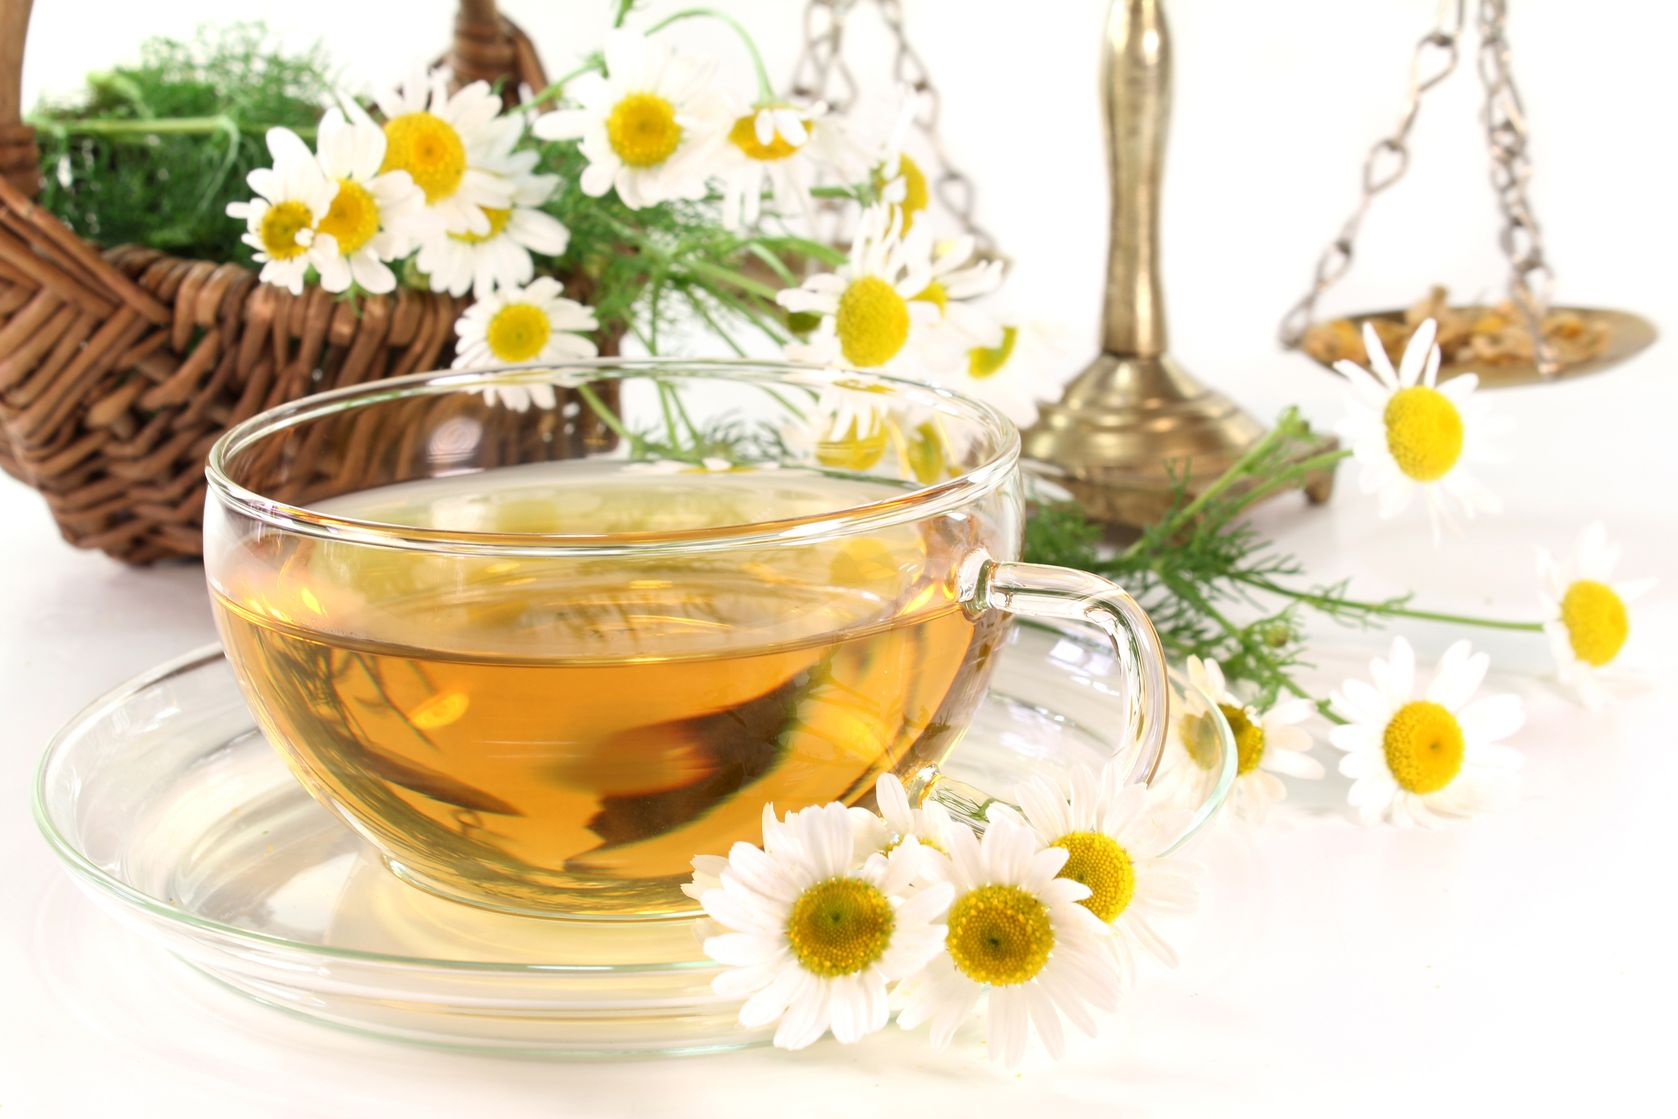 Ромашка аптечная (лекарственная трава) - полезные свойства 53